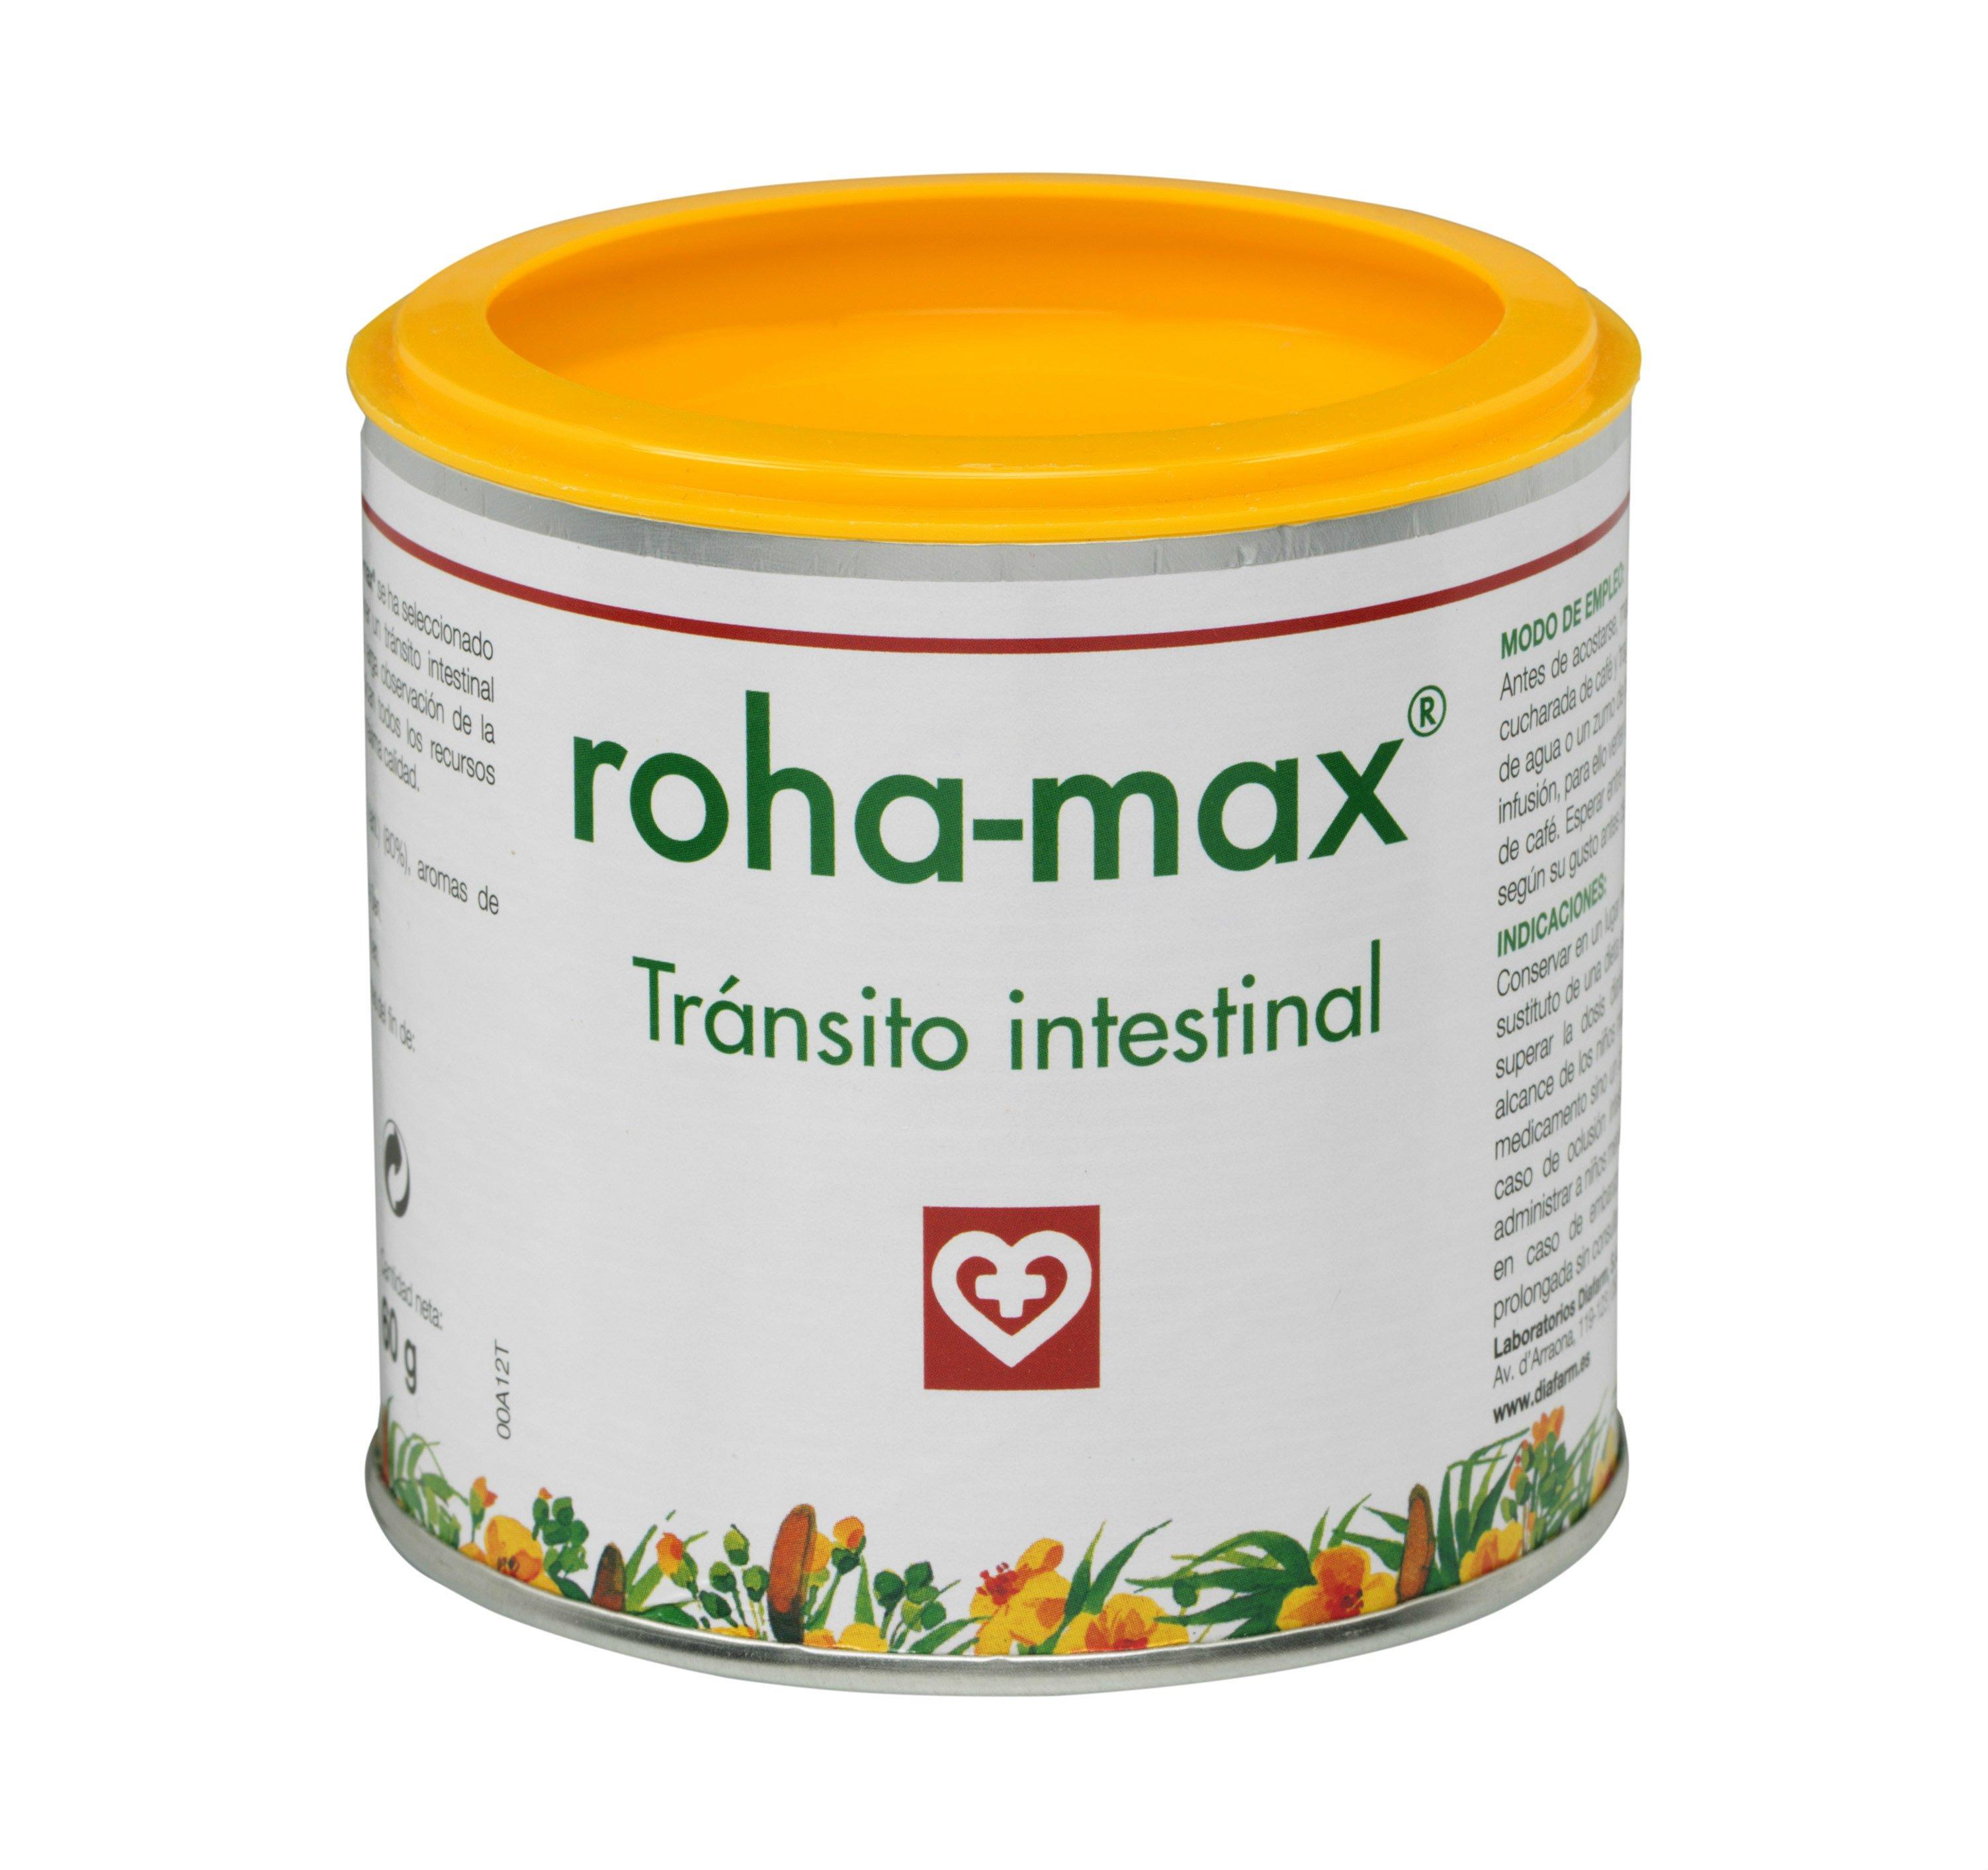 Roha-Max, la exclusiva fórmula del Grupo Diafarm a base de sen (Cassia Angustifolia)